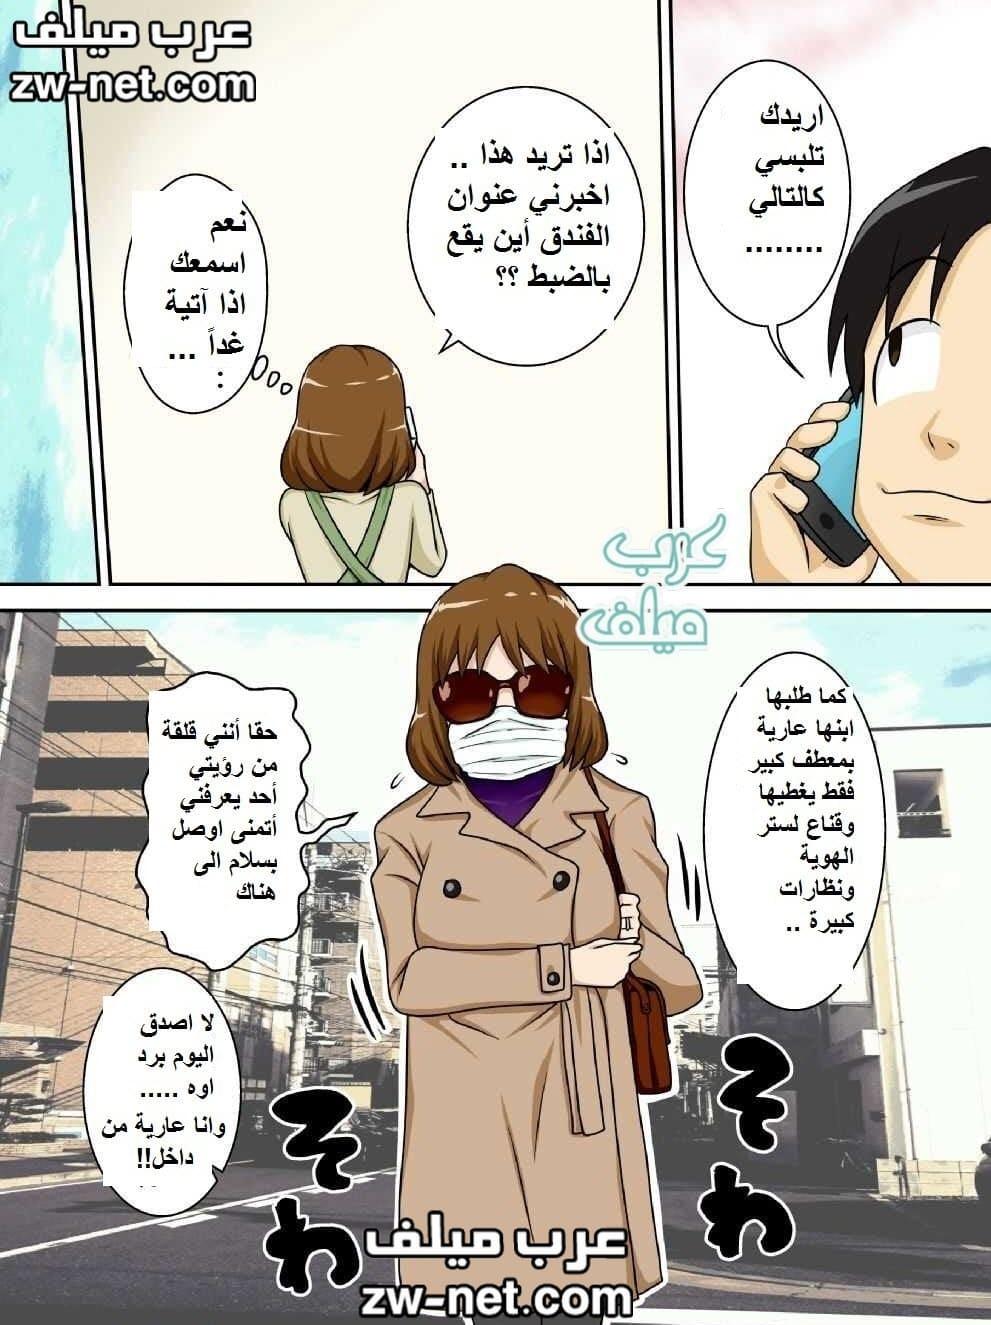 كومكس هنتاي ميلف تون مترجم للعربية جديد كامل